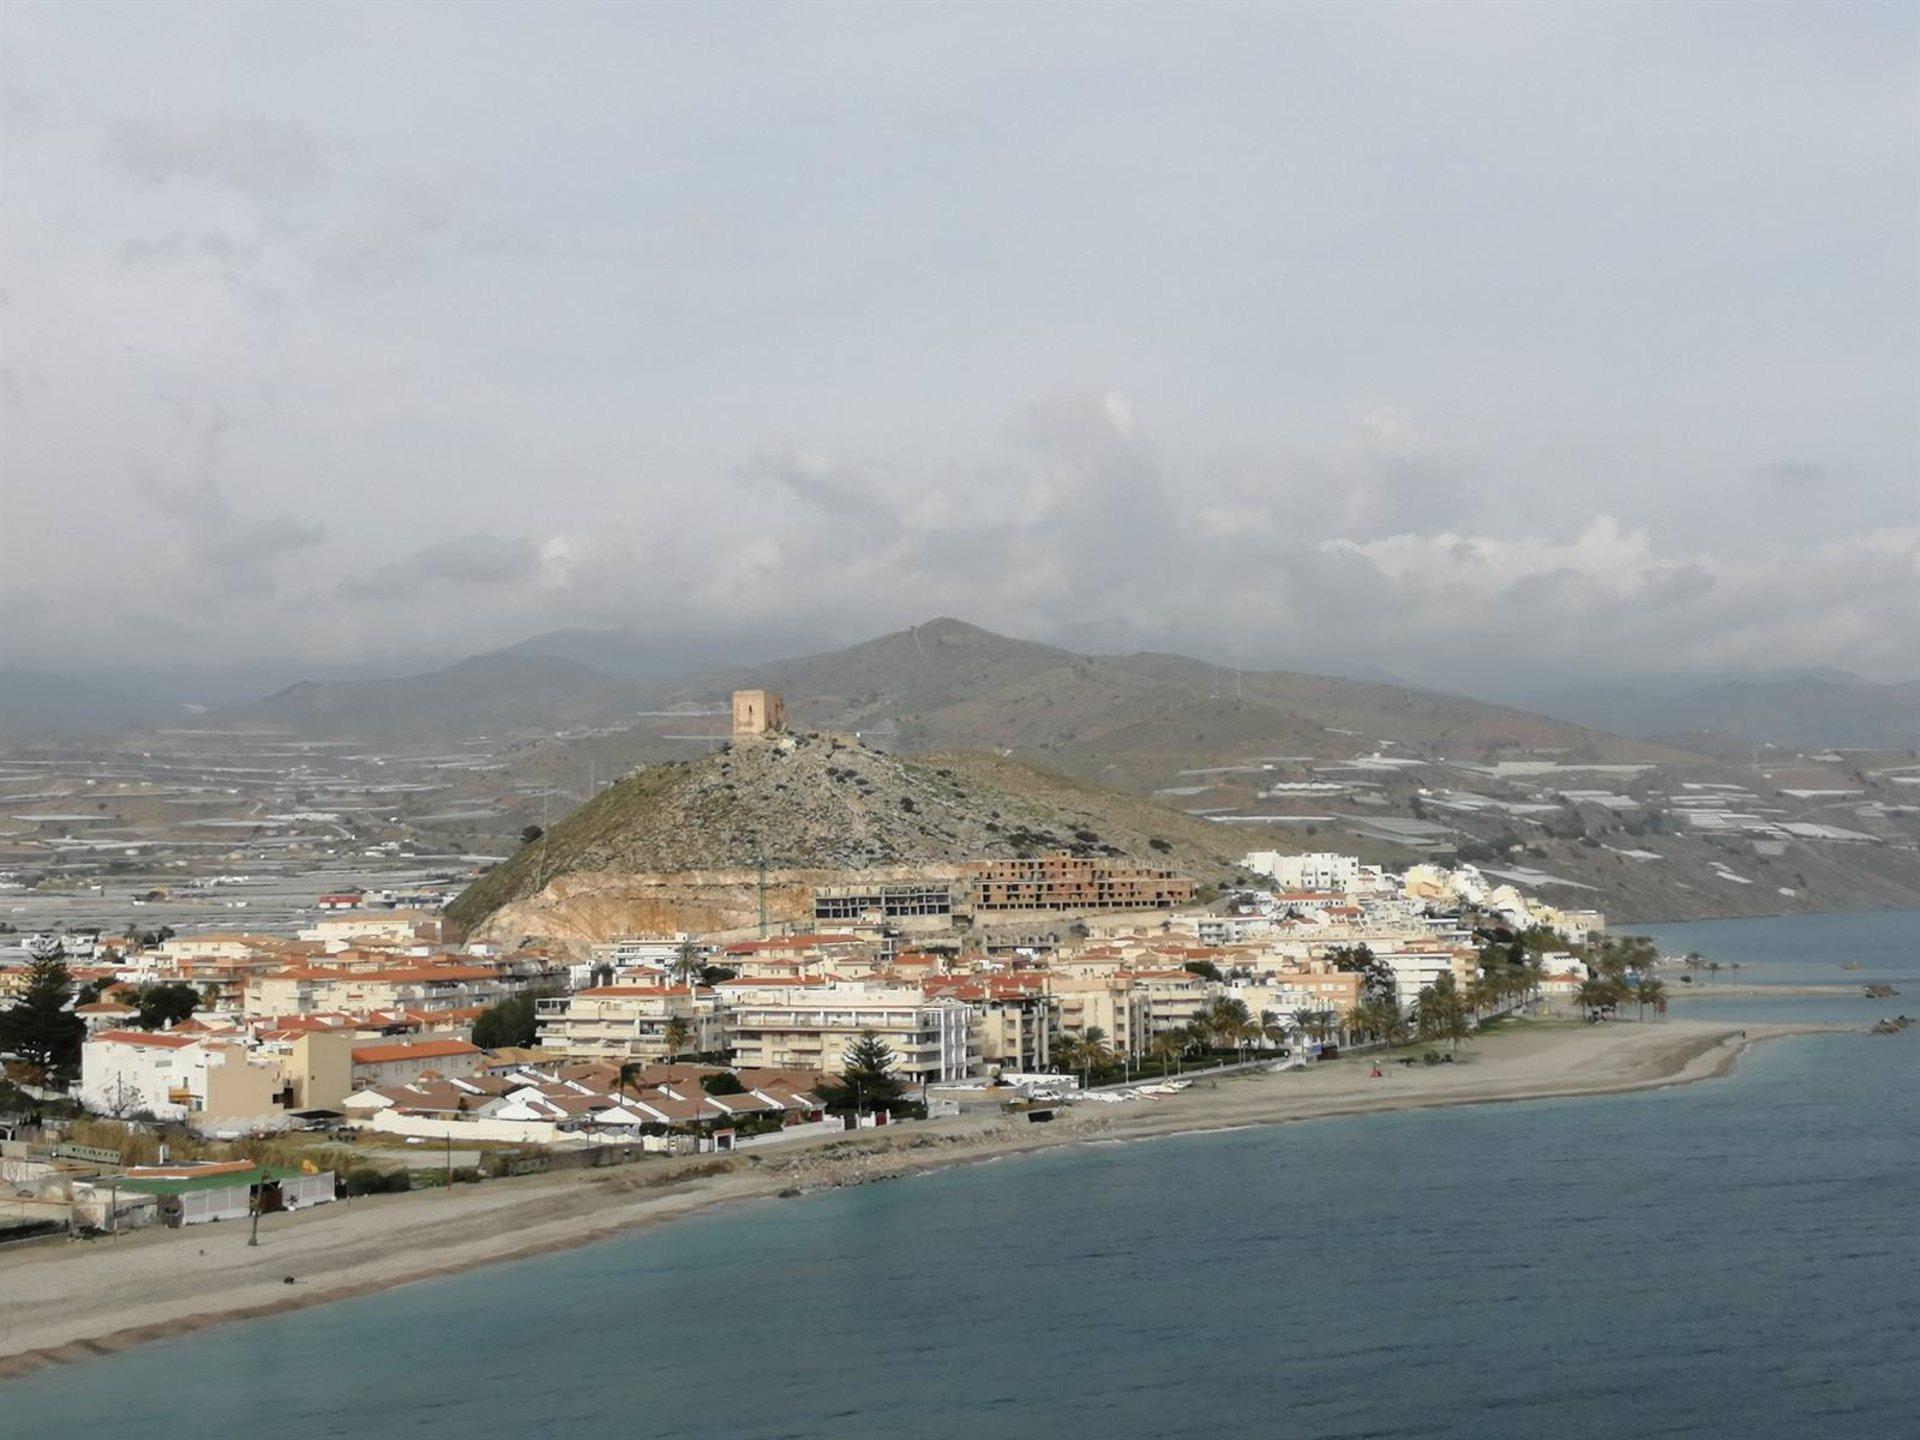 La alcaldesa de Gualchos ve «lo más razonable» que la Junta salve al pueblo del toque de queda